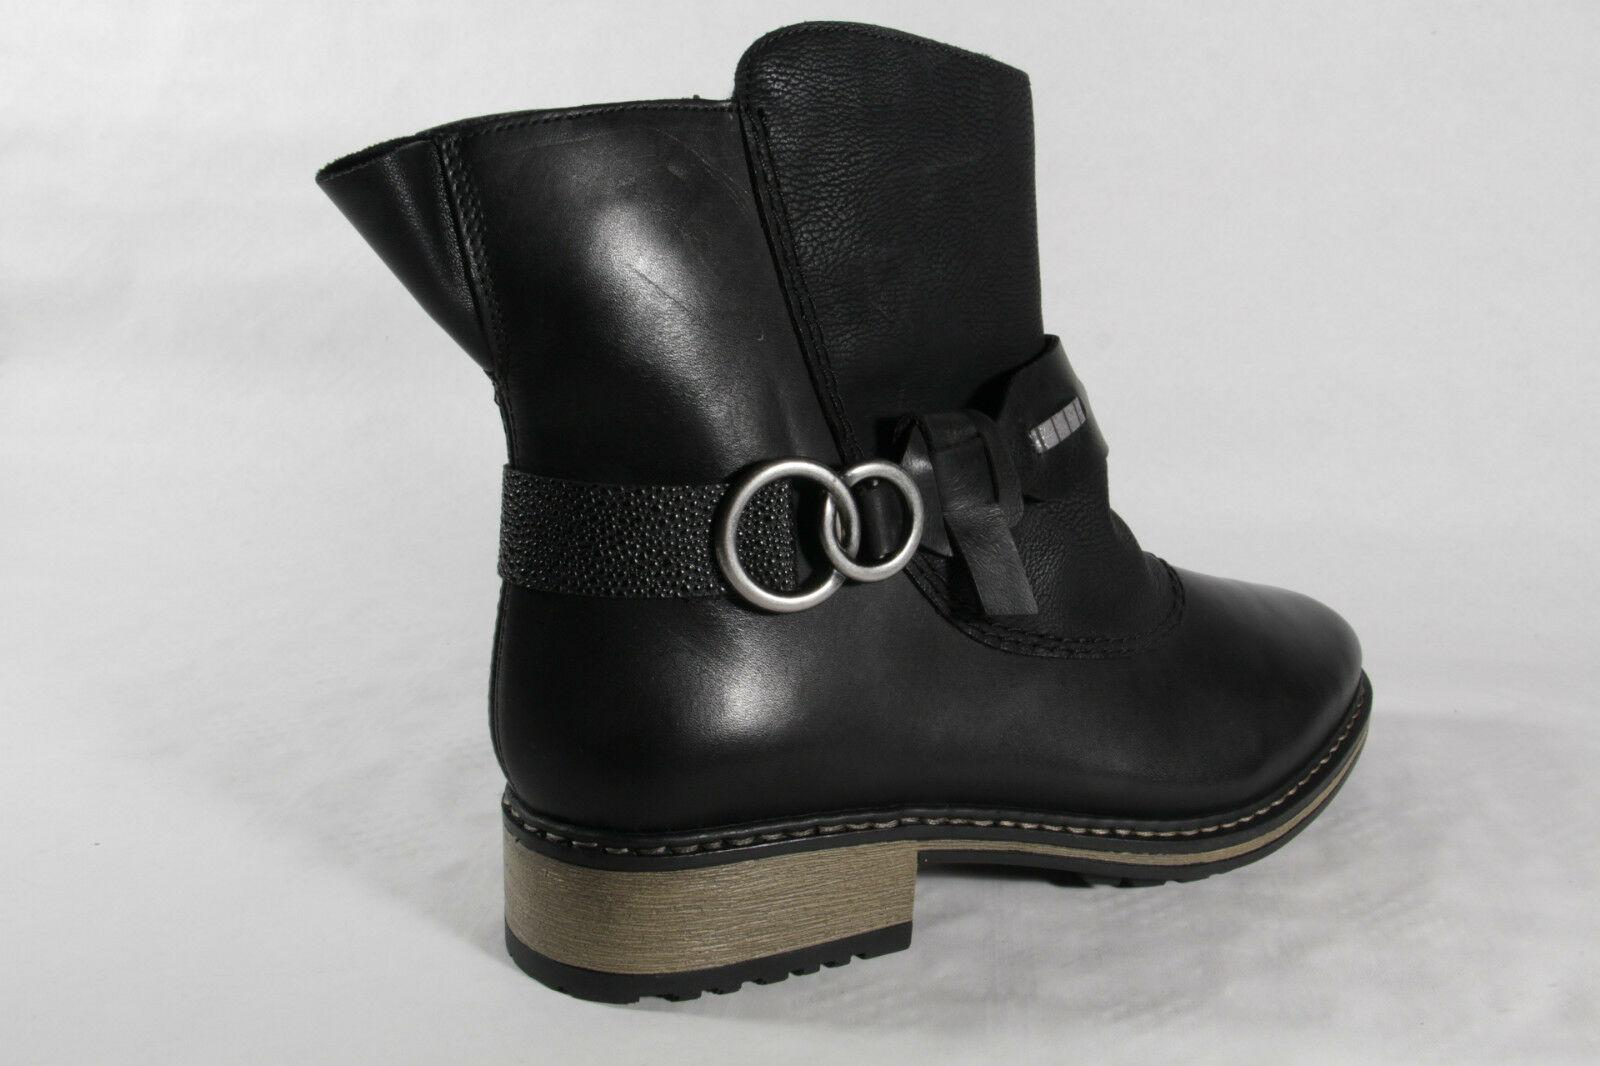 1f58f81f873e ... Rieker Damen Stiefel Stiefeletten Boots Winterstiefel schwarzZ6899 NEU  4 ...